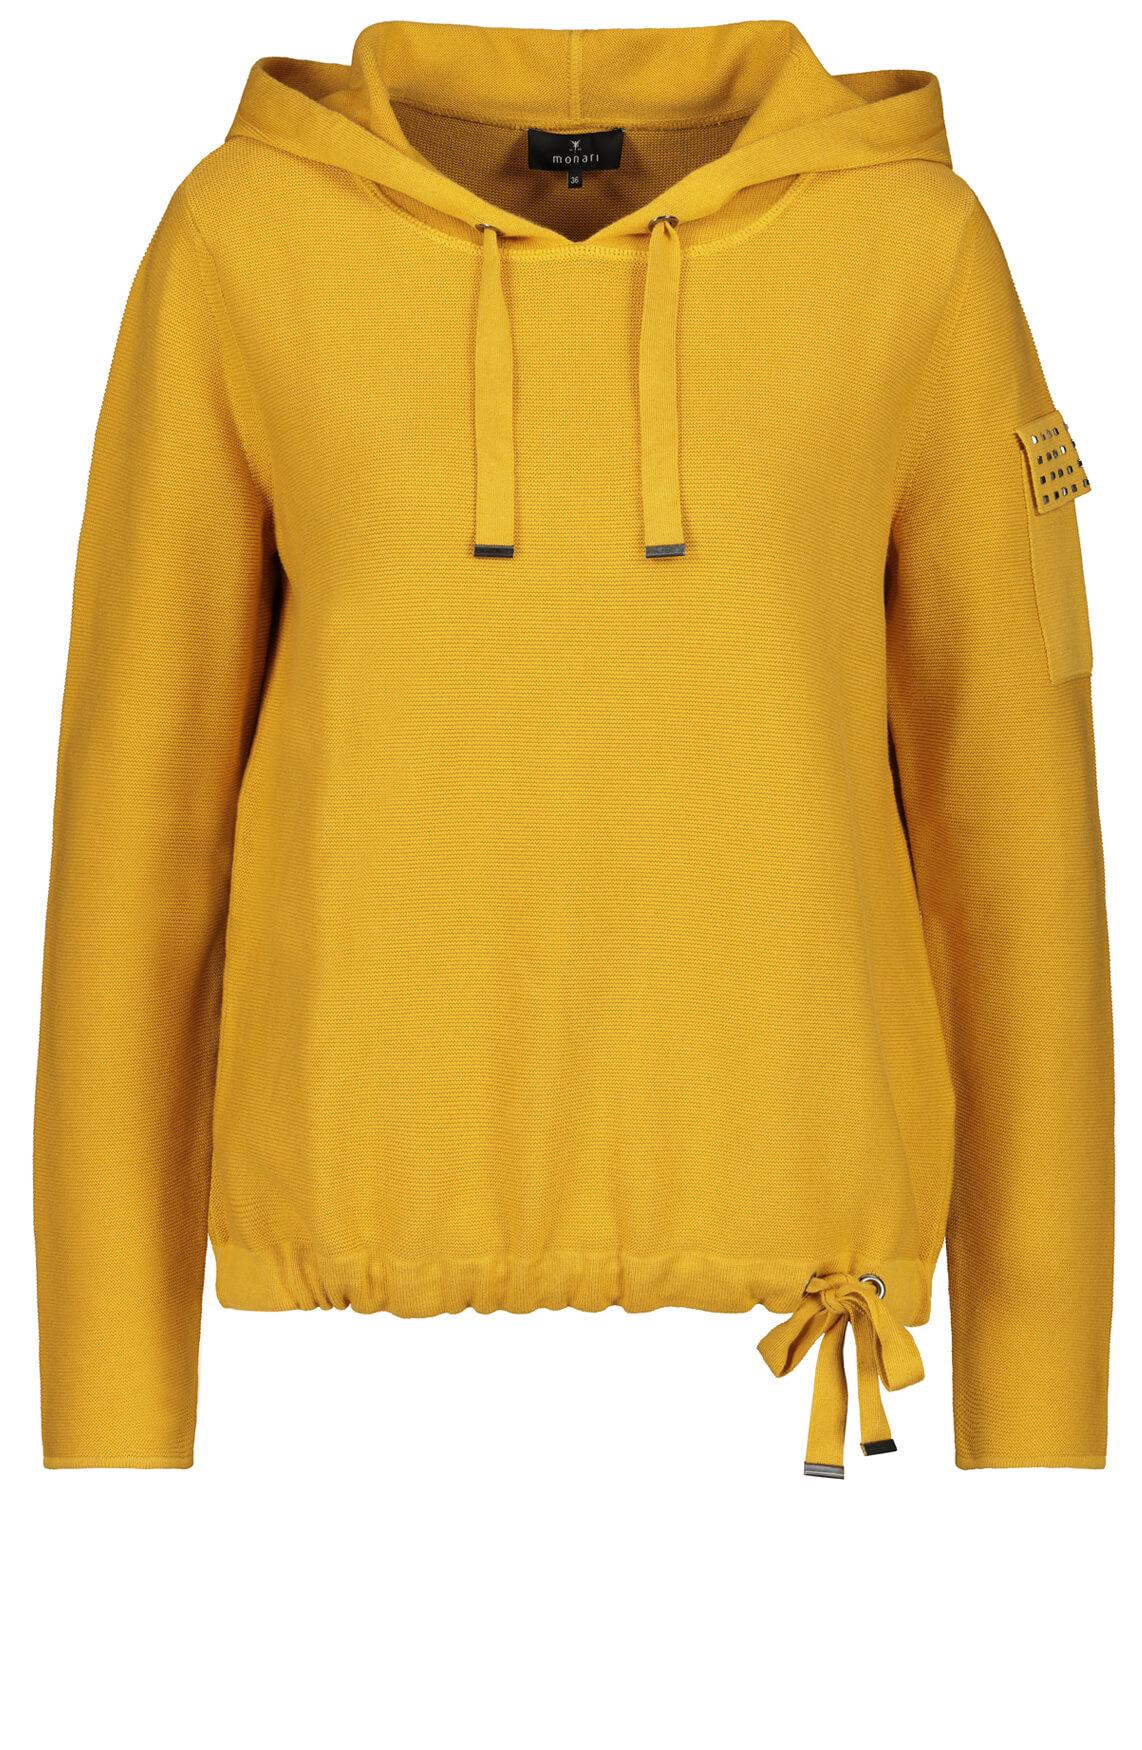 Monari Dames Sweater met capuchon geel